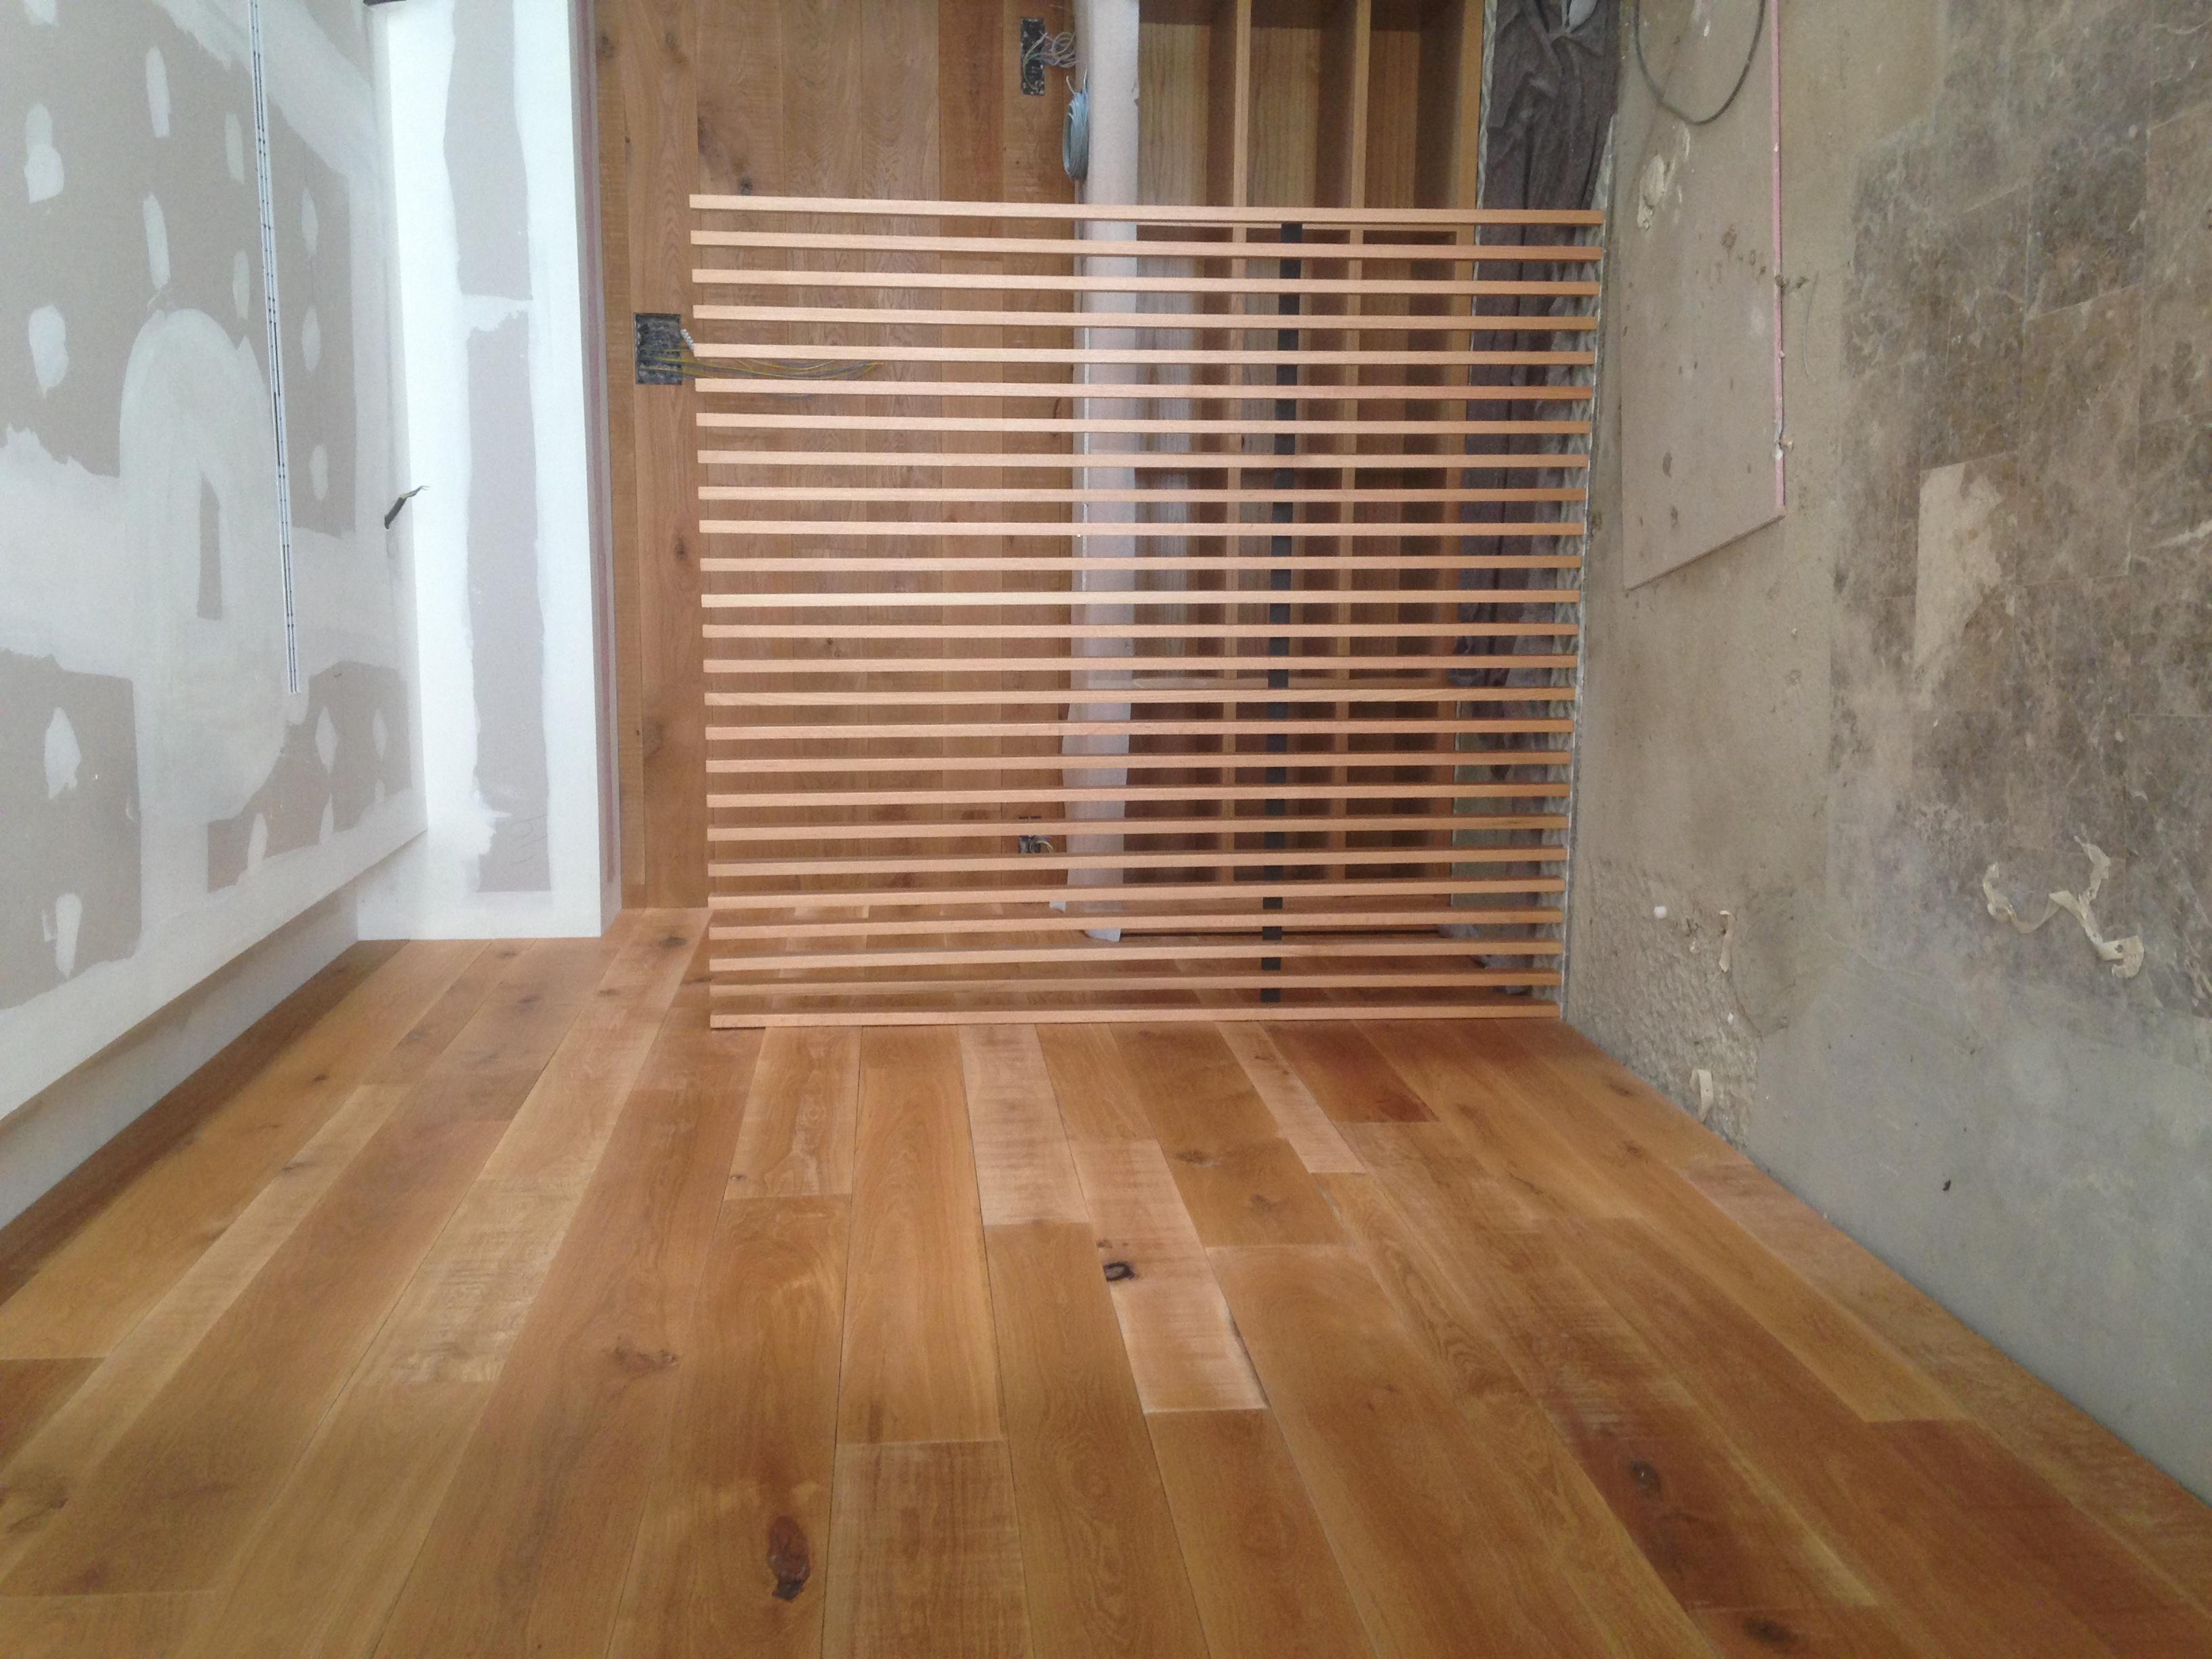 Carpinter a galea fabricaci n de muebles a medida con m s de 30 a os de historia y experiencia - Revestimiento madera paredes ...